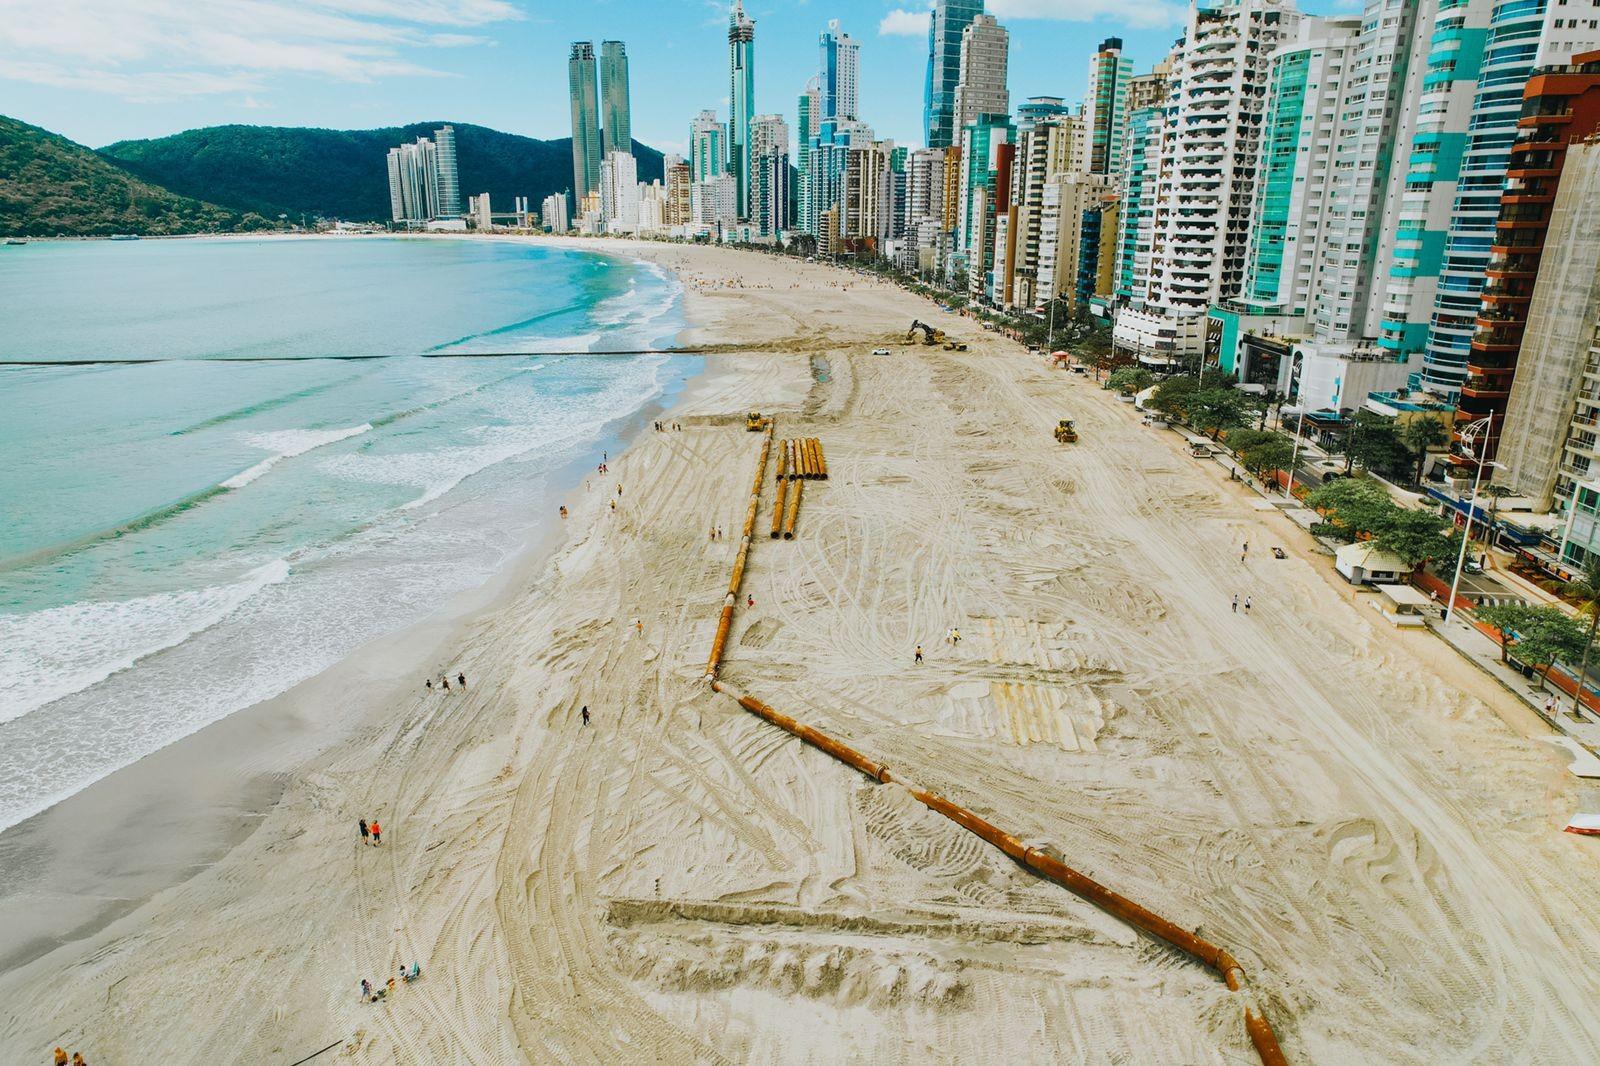 Tubulação é reposicionada e megaobra de alargamento em praia de Balneário Camboriú entra na fase final